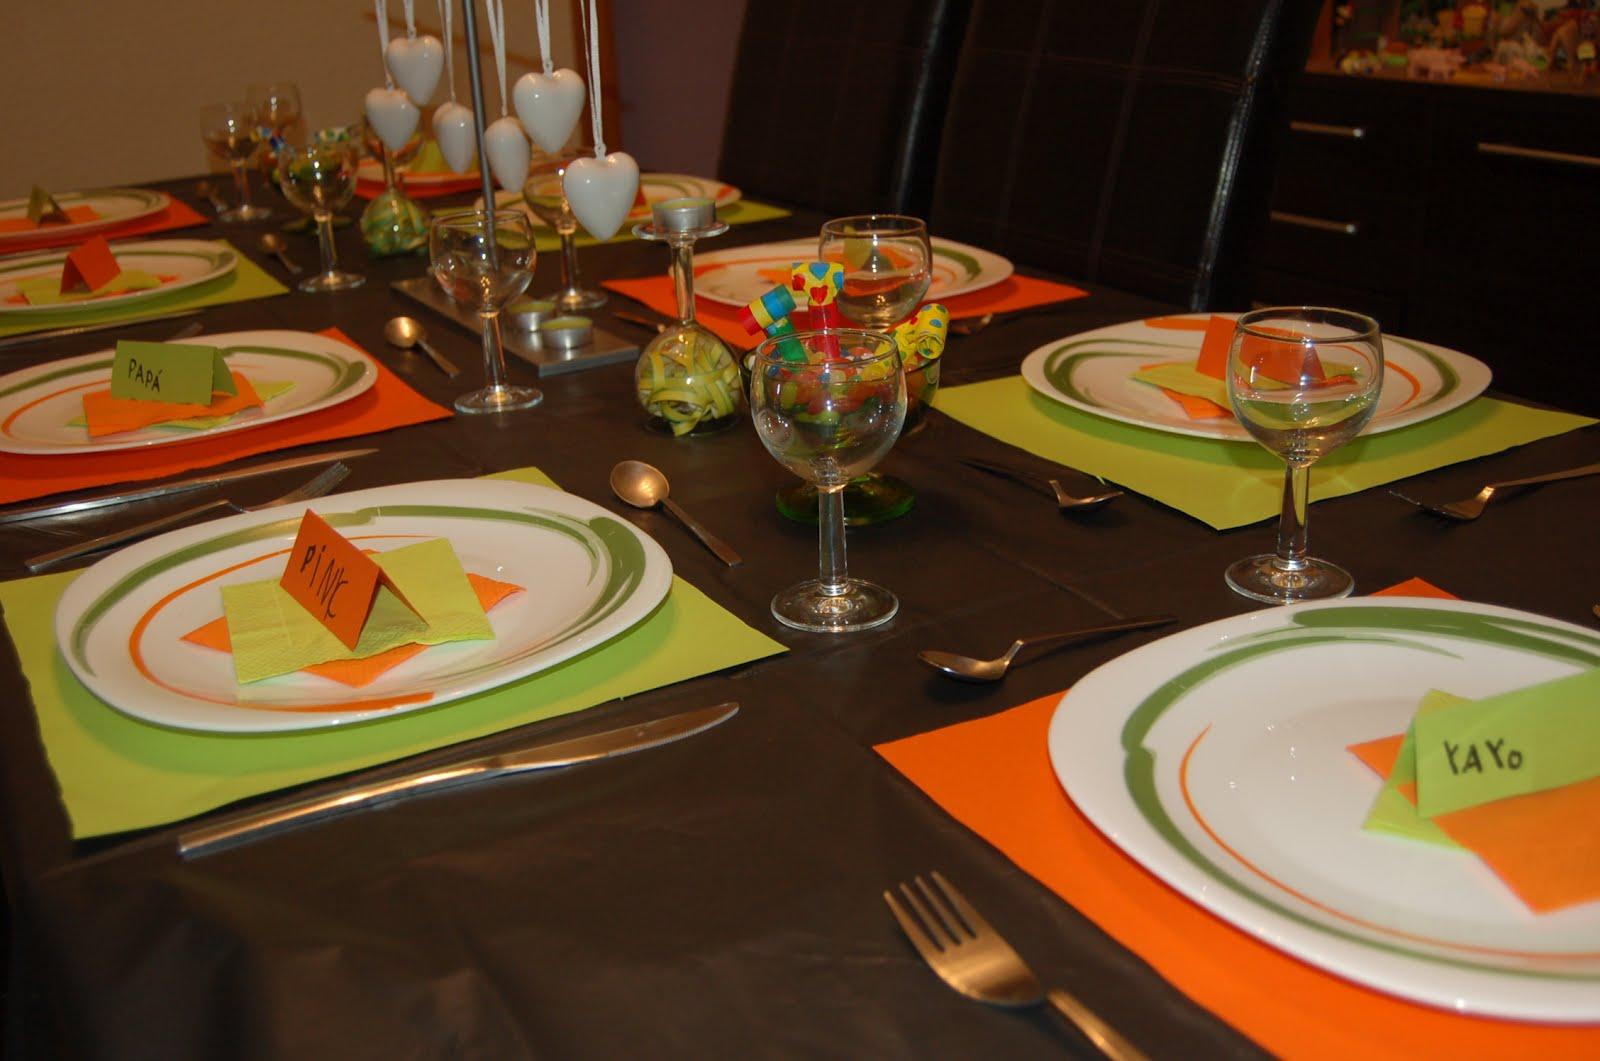 El delantal amarillo decoraci n para nochevieja - Decoracion mesa nochevieja ...